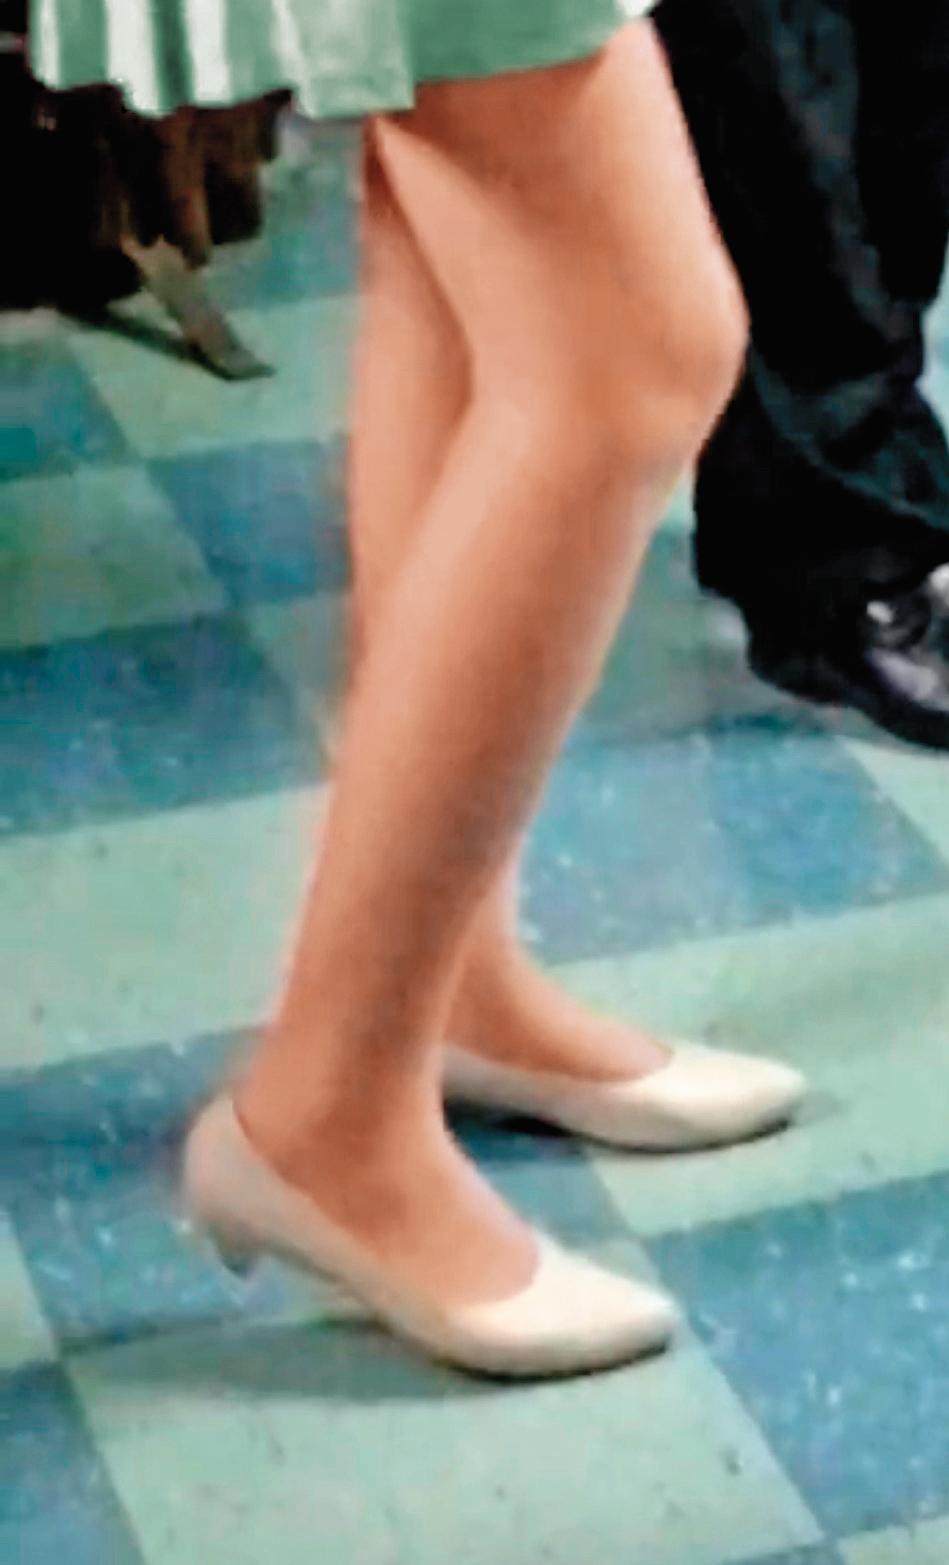 黃姓公務員見正妹白皙修長大腿就「凍抹條」,經常埋伏在後偷拍。(為保護被害人,圖片已變色處理)